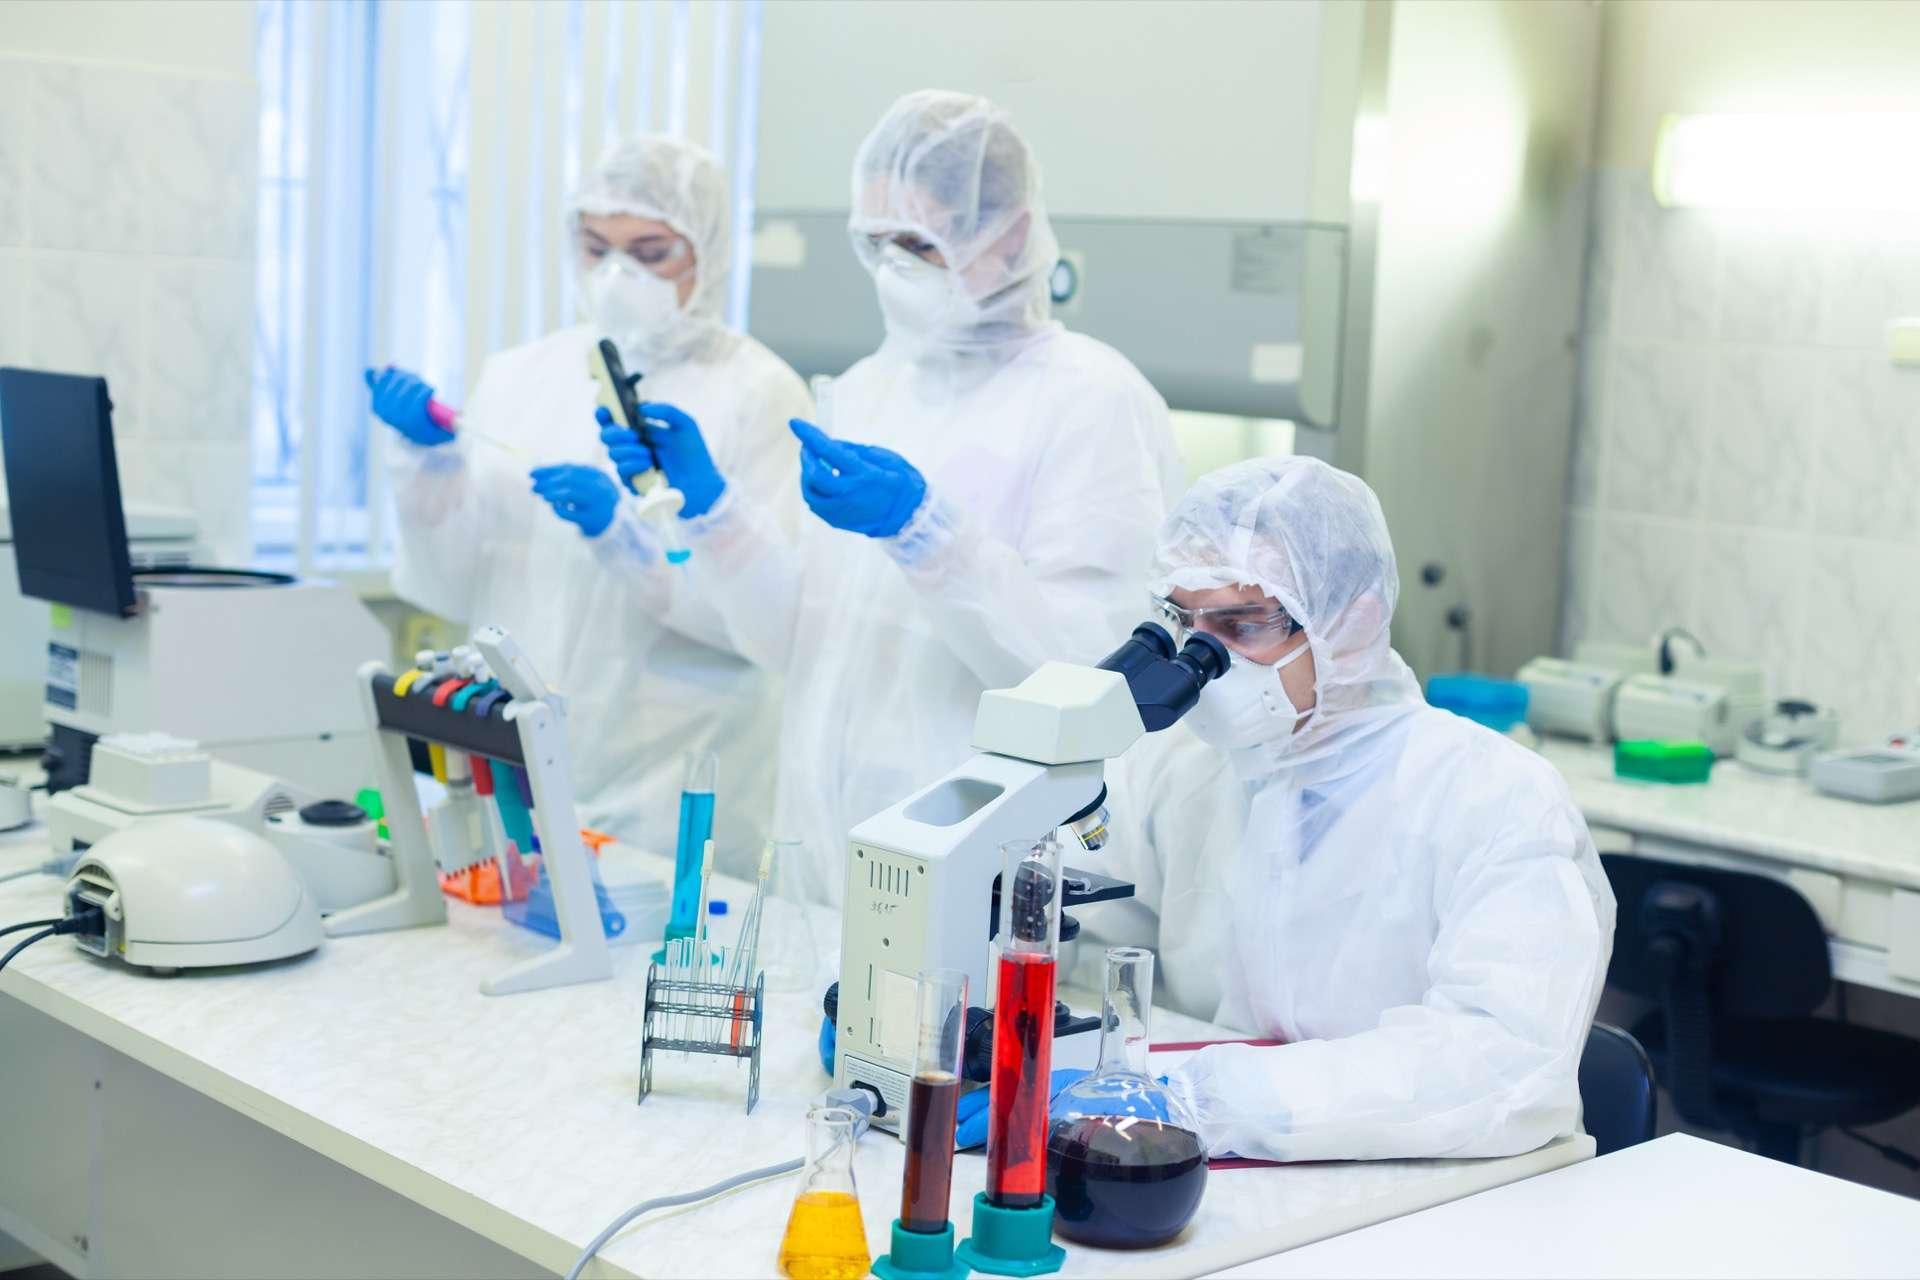 Les États-Unis étudient un traitement contre le coronavirus